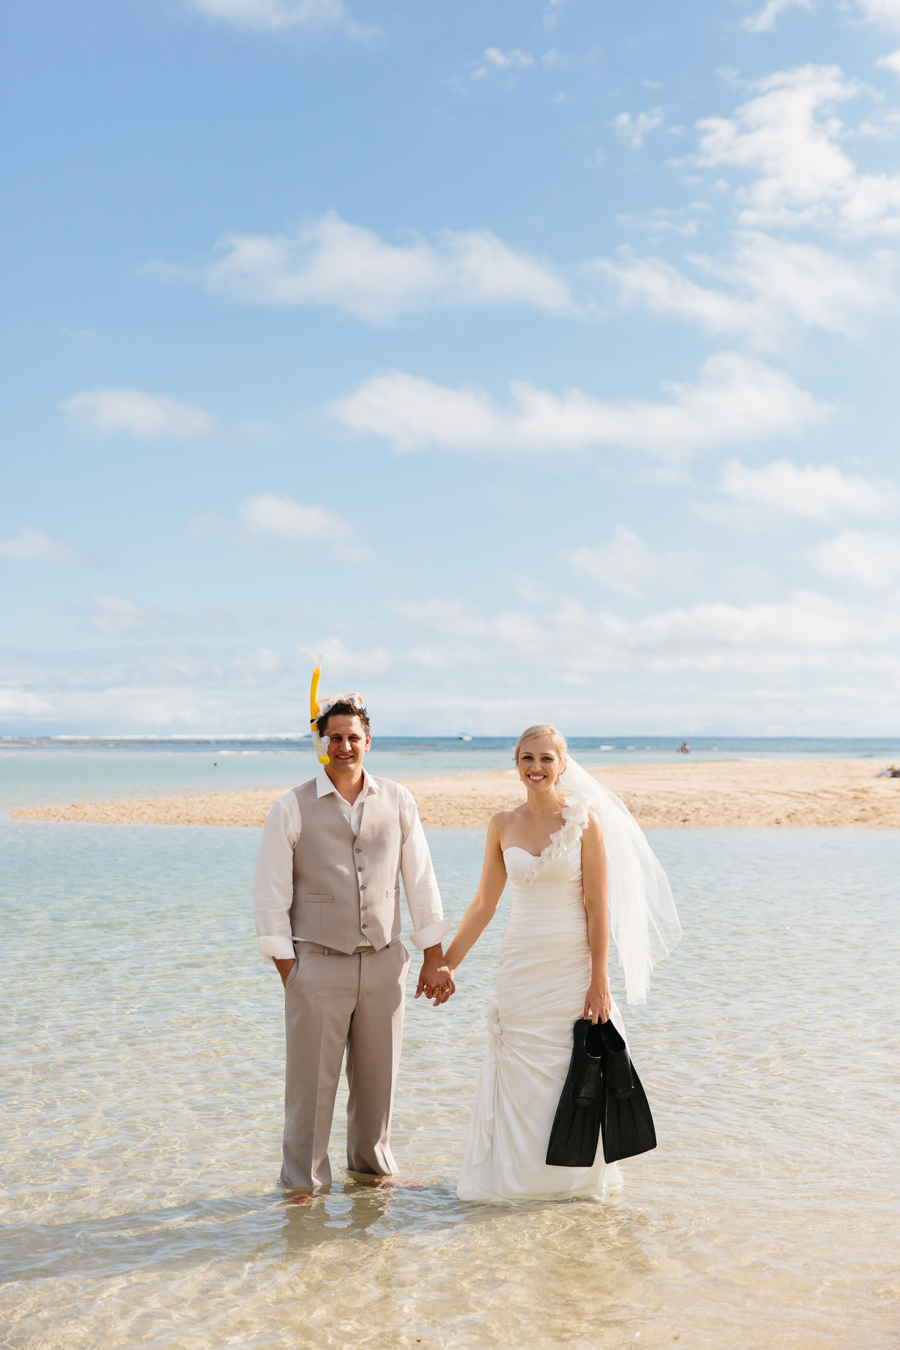 cavanagh photography wedding photos